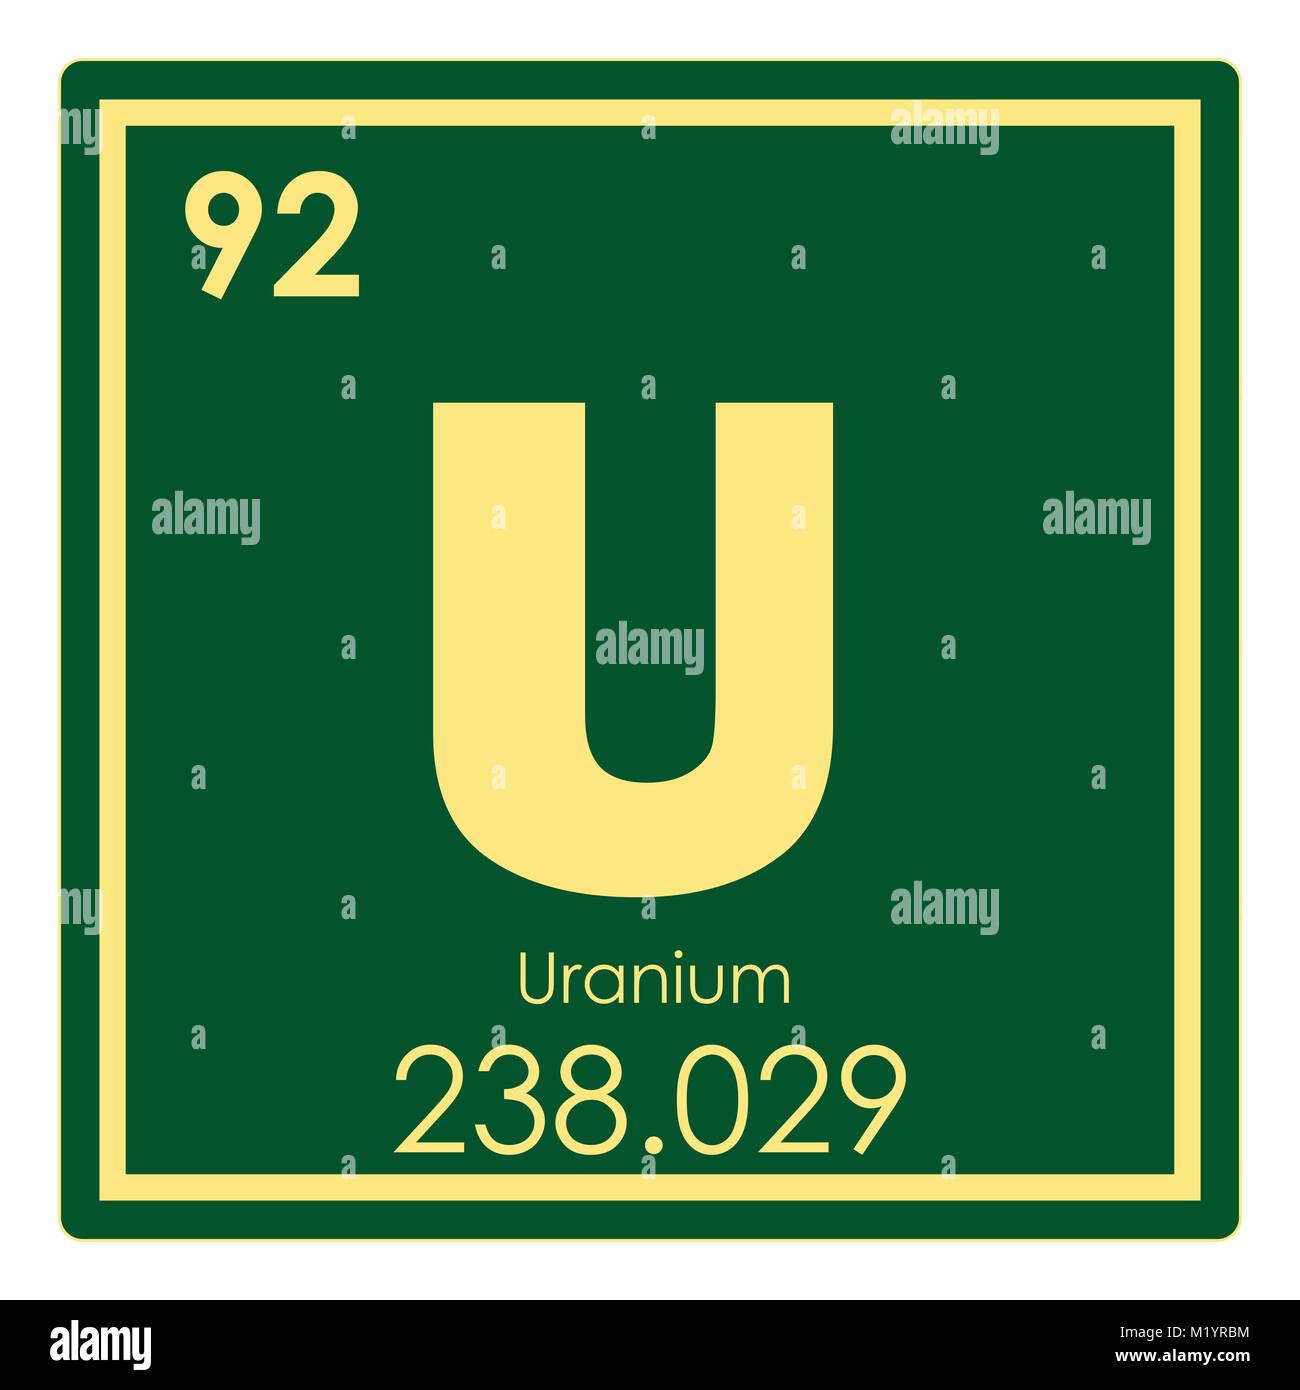 Uranium chemical element periodic table science symbol stock photo uranium chemical element periodic table science symbol urtaz Choice Image